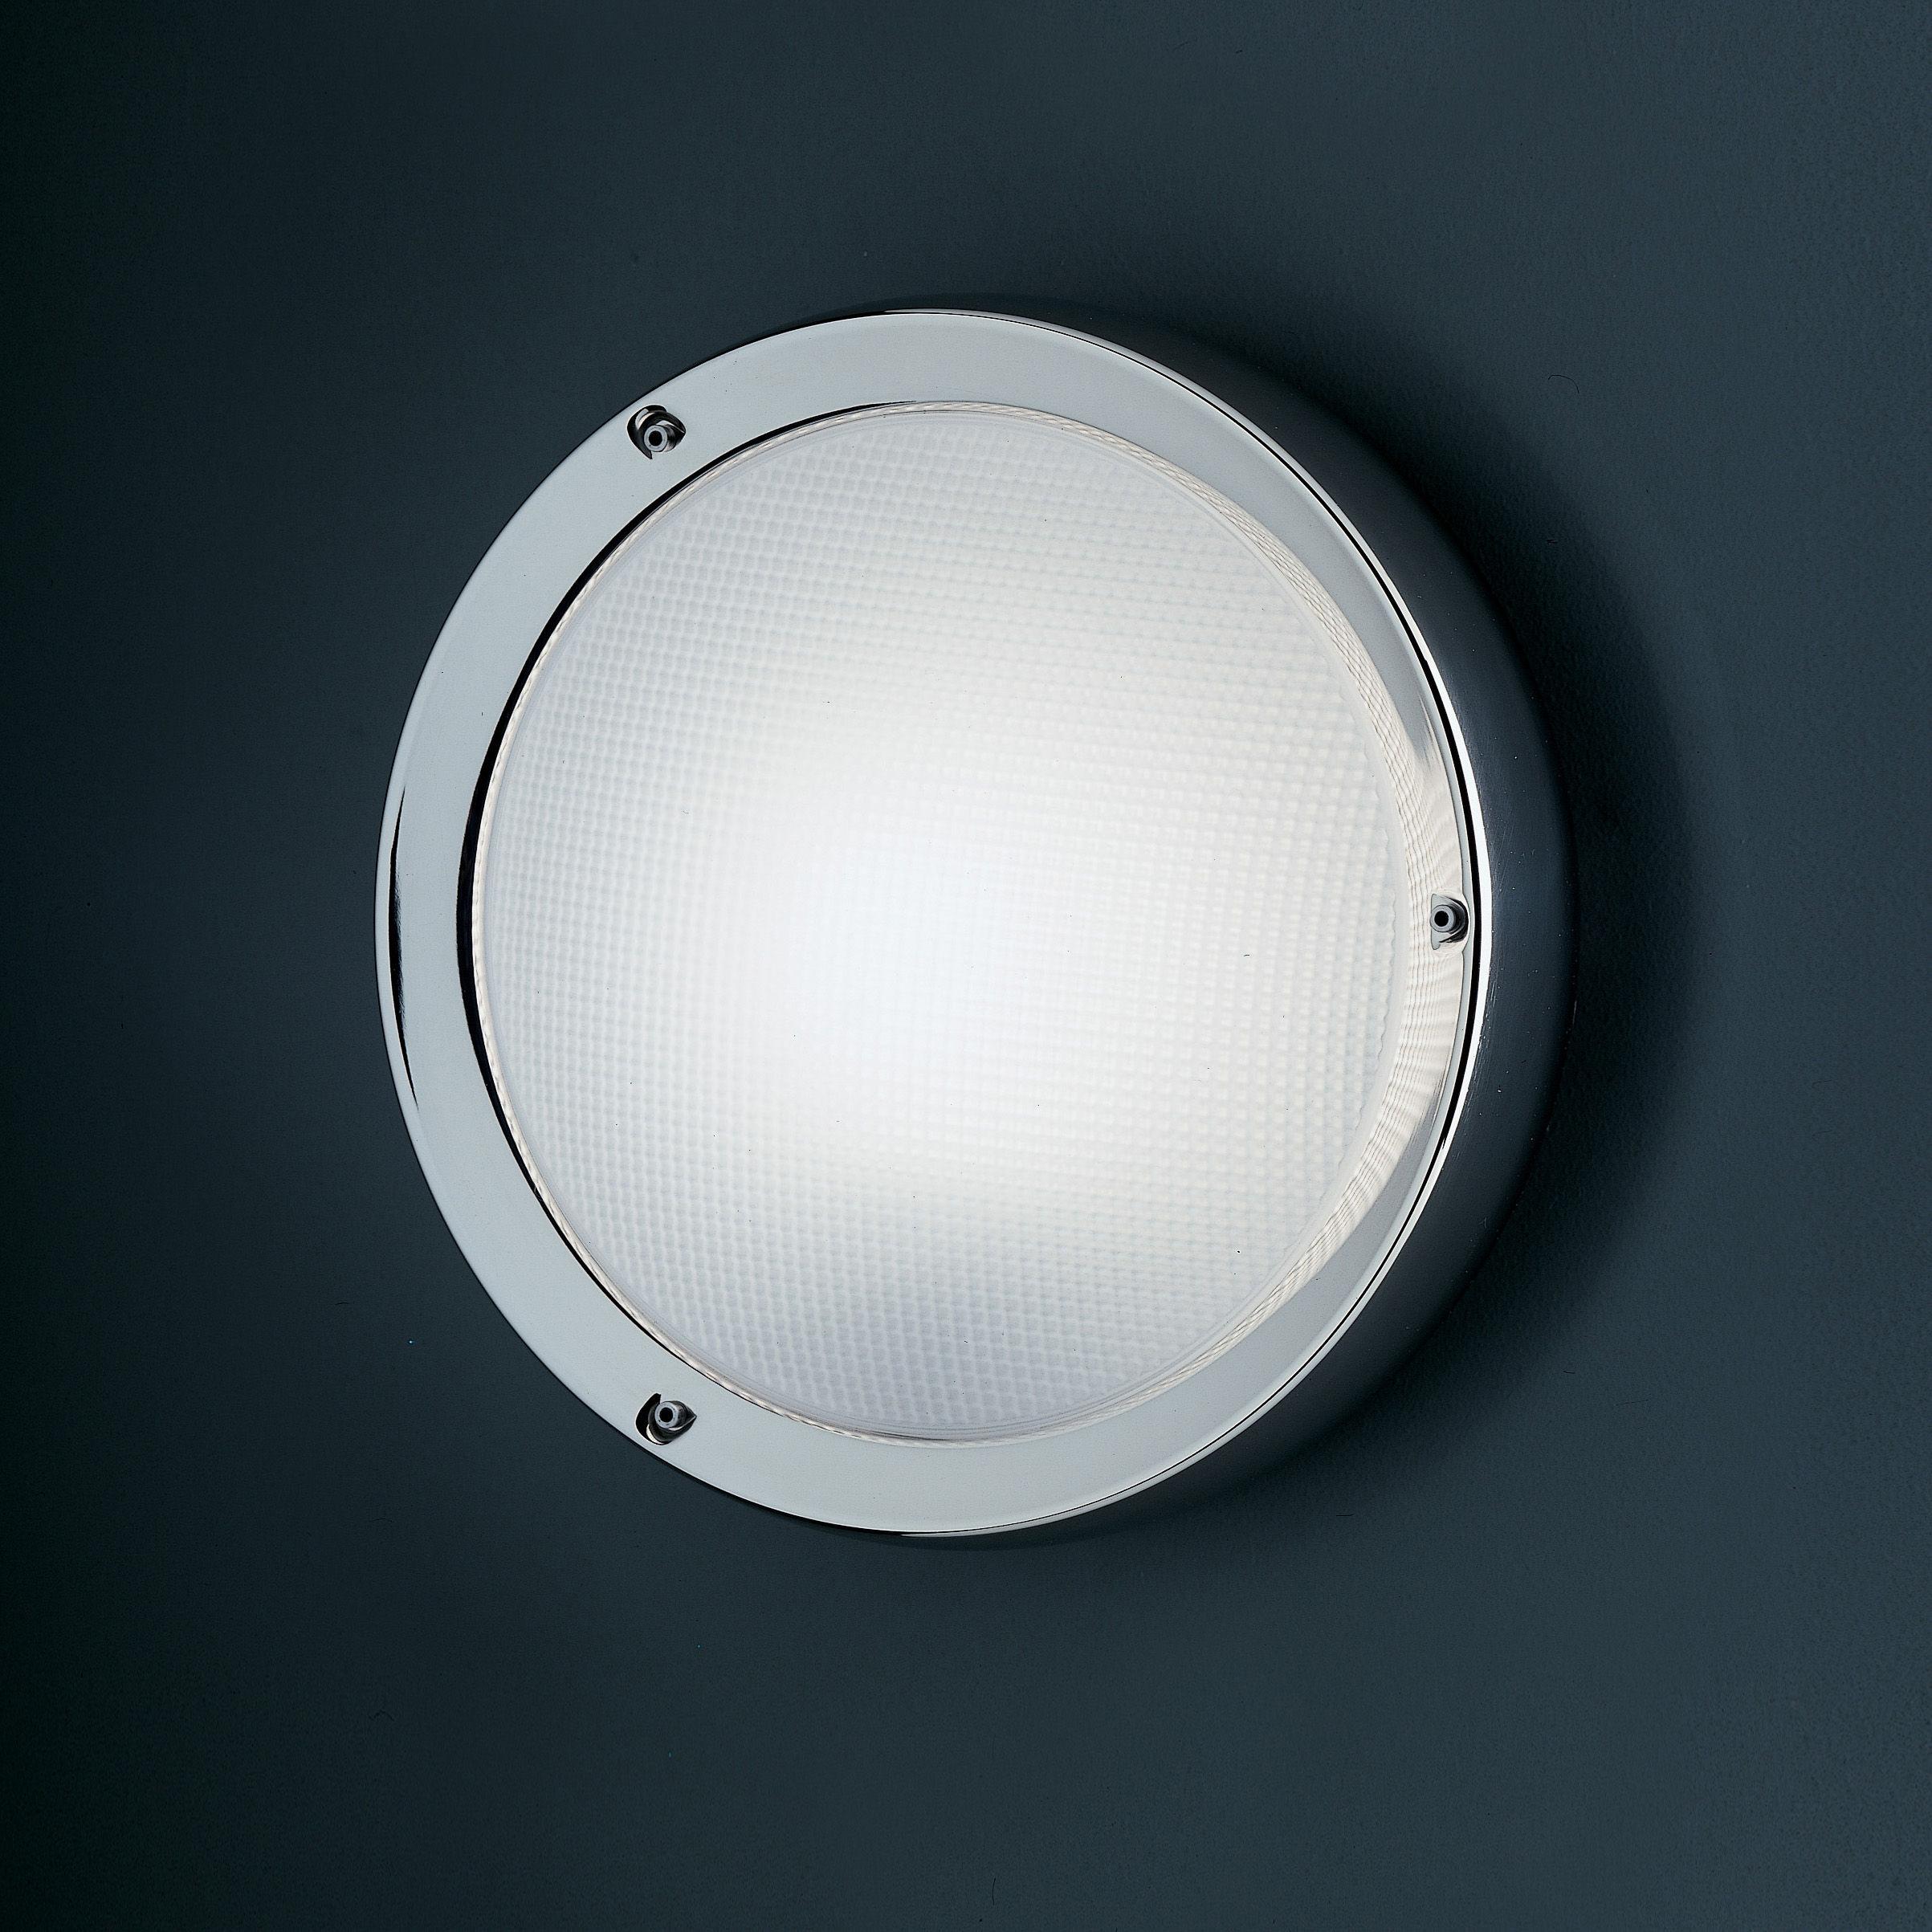 Lampade Applique Moderne: Lampada applique per esterni alluminio ...